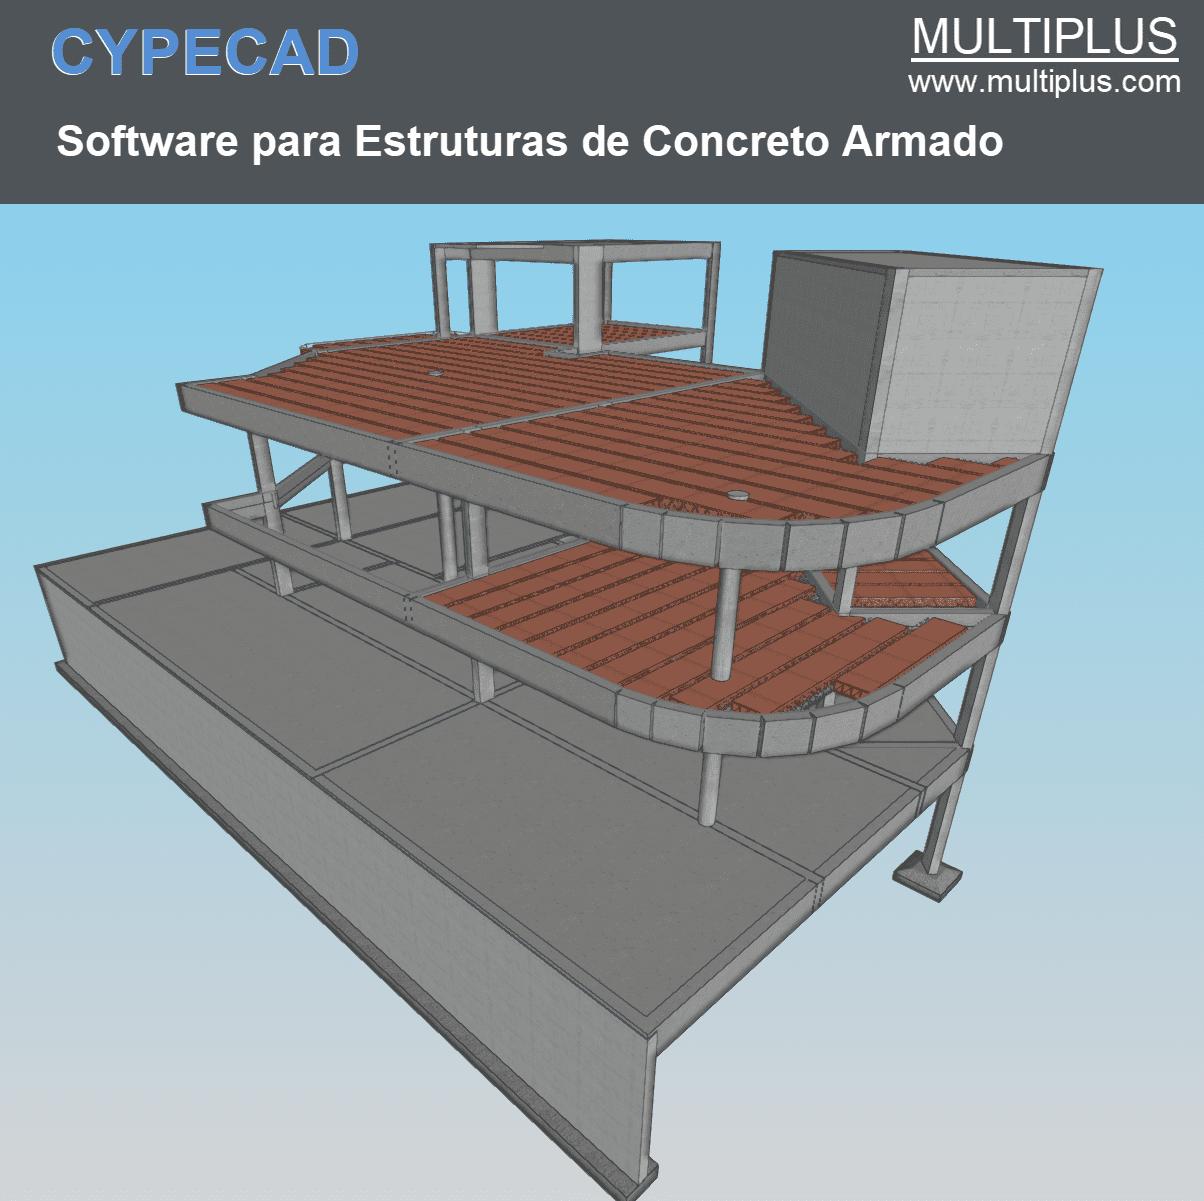 """Software CYPECAD LT30 PRO versão 2022 (Licença Eletrônica) incluindo a modulação descrita em """"Itens Inclusos"""" a seguir  - MULTIPLUS SOFTWARES"""